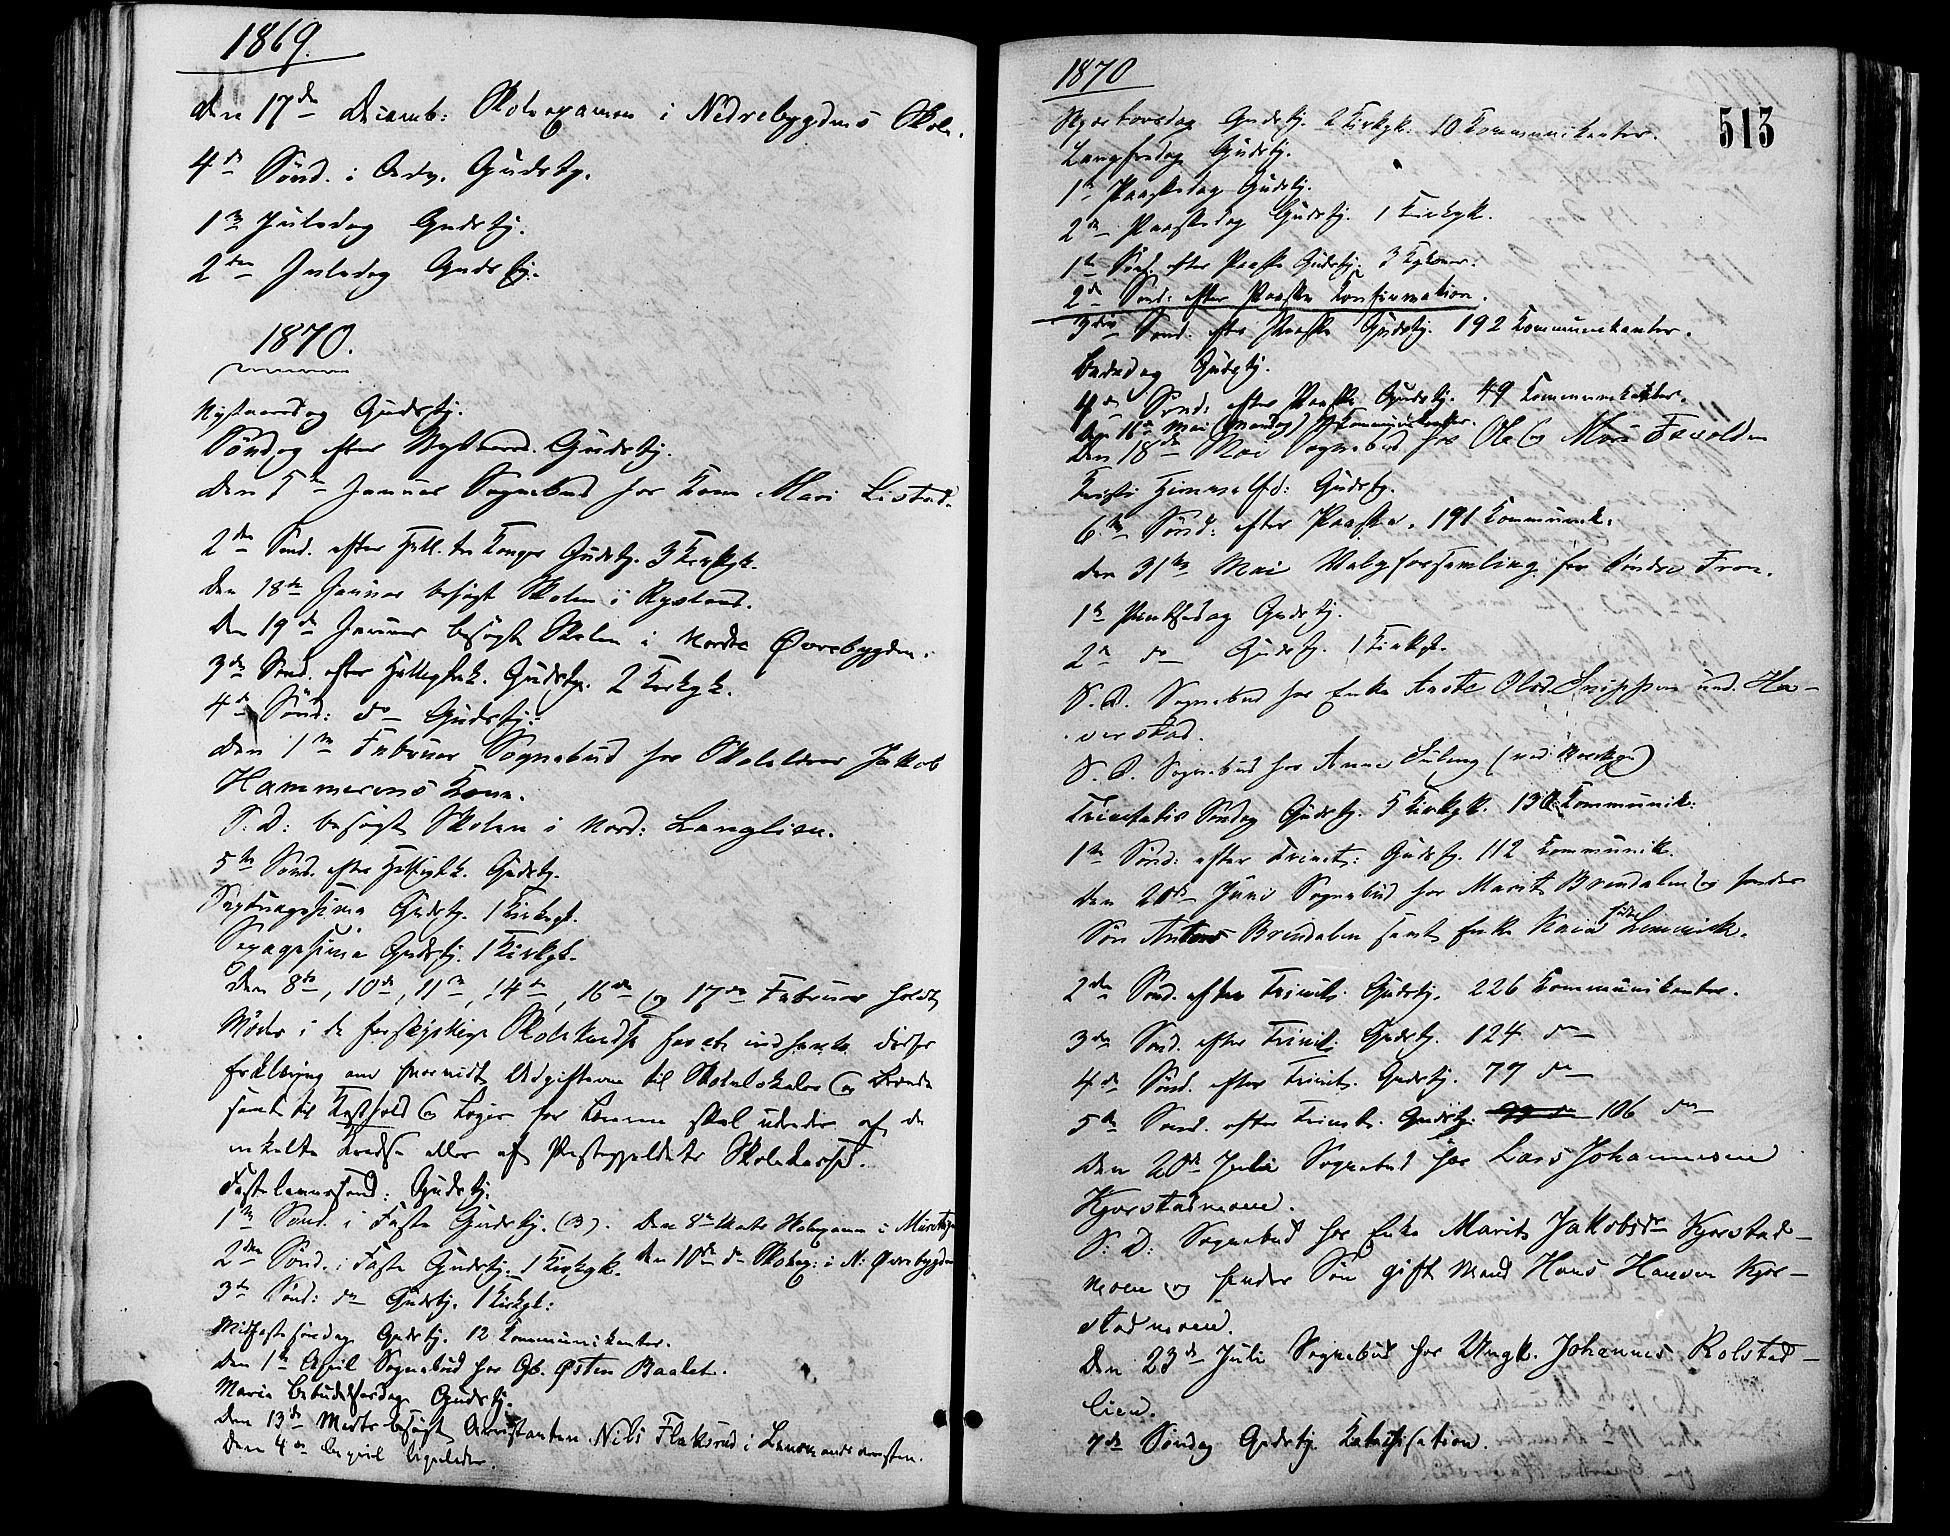 SAH, Sør-Fron prestekontor, H/Ha/Haa/L0002: Ministerialbok nr. 2, 1864-1880, s. 513